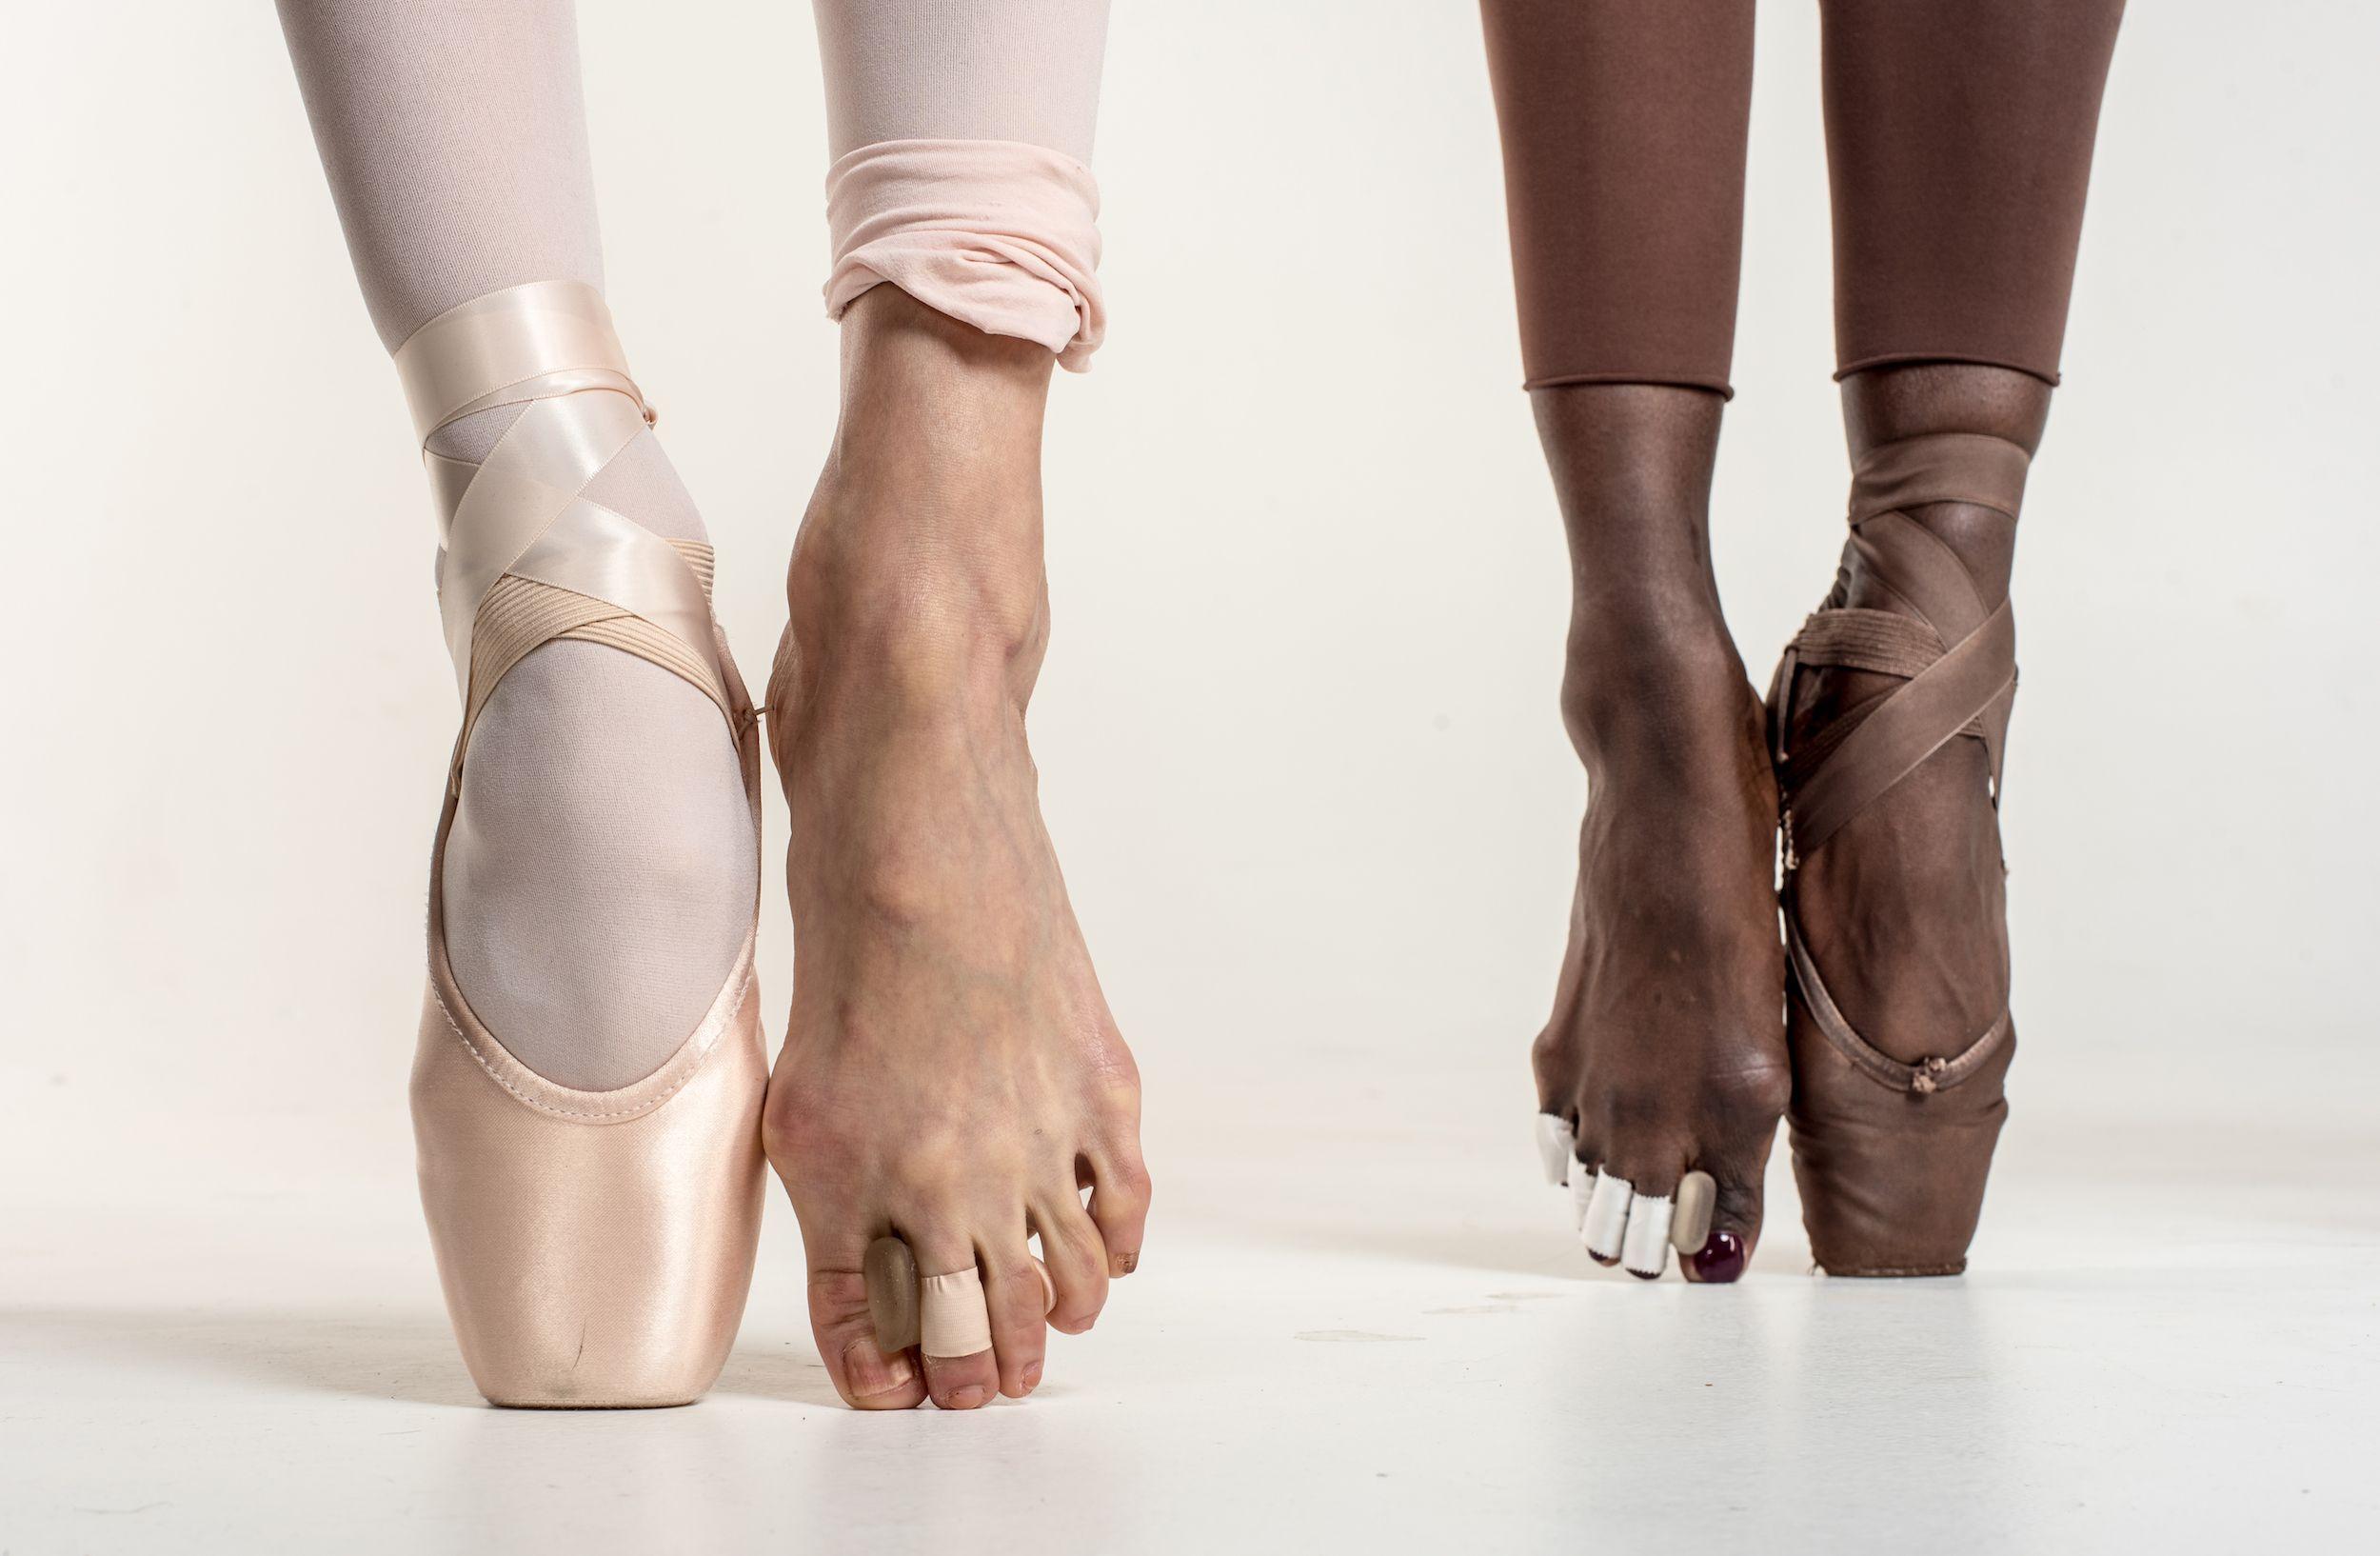 украсить ноги балерин без пуант картинки присутствующих портретах учёных